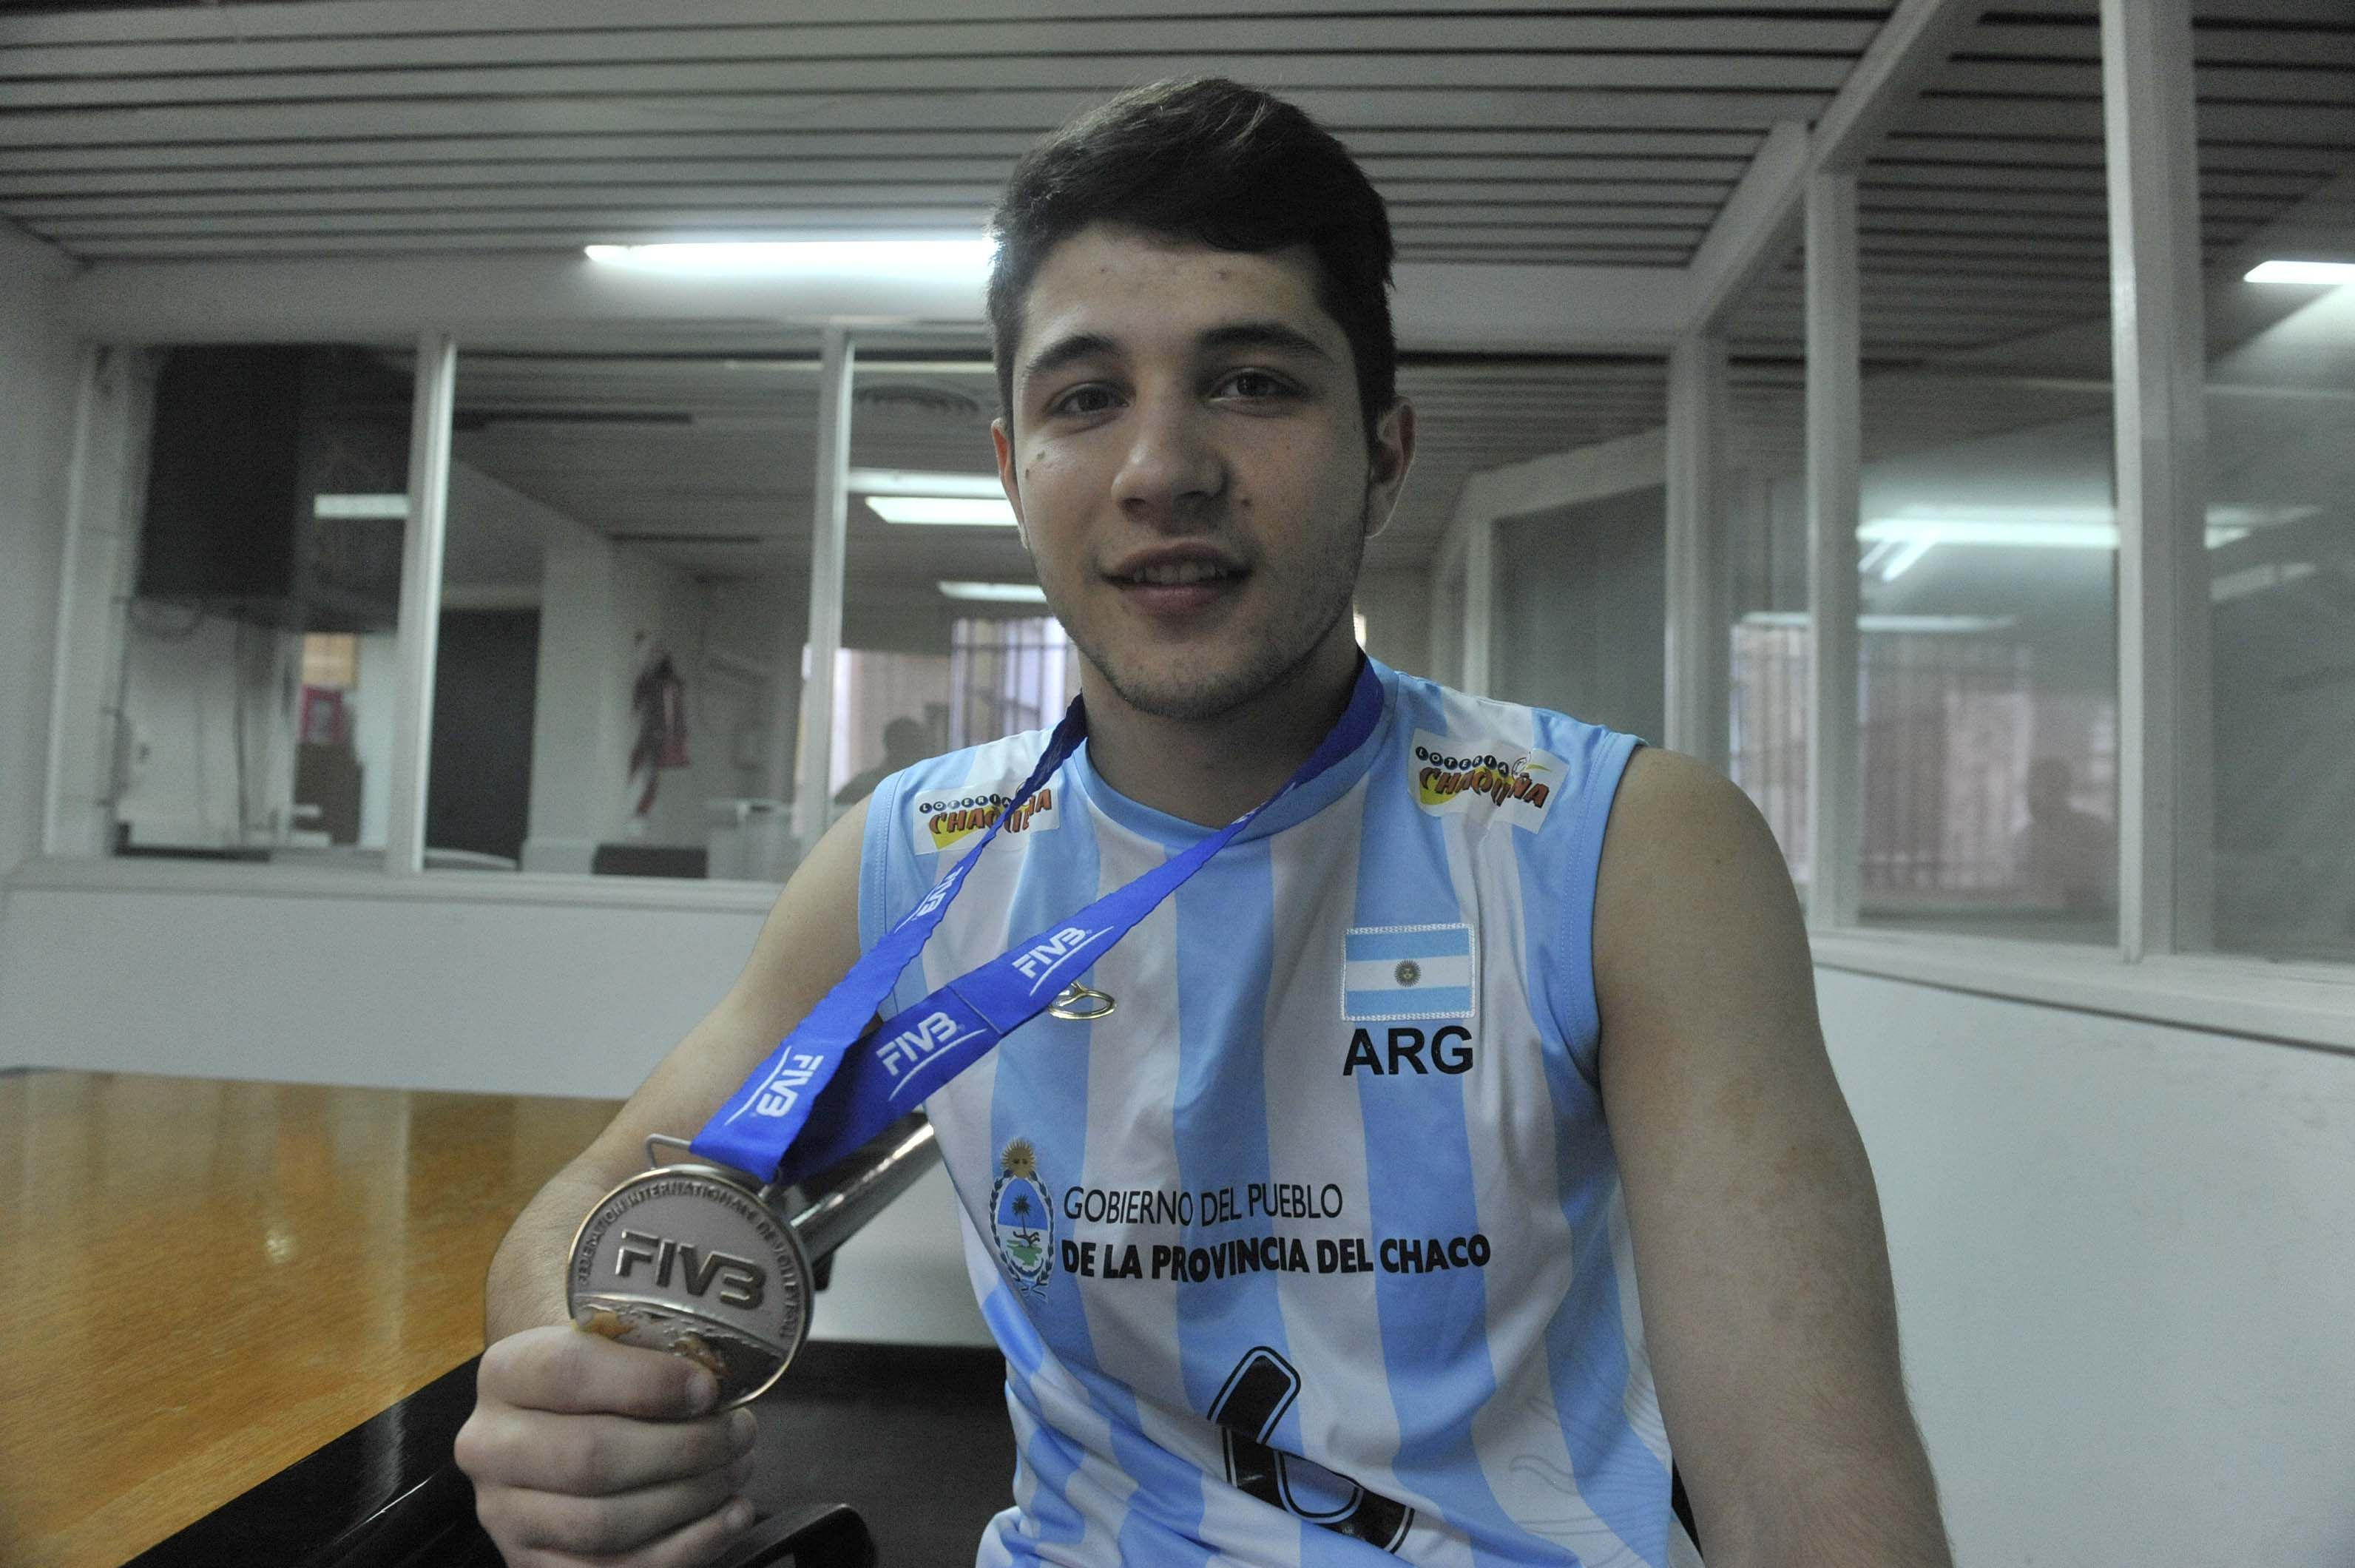 Ramiro Gazzaniga